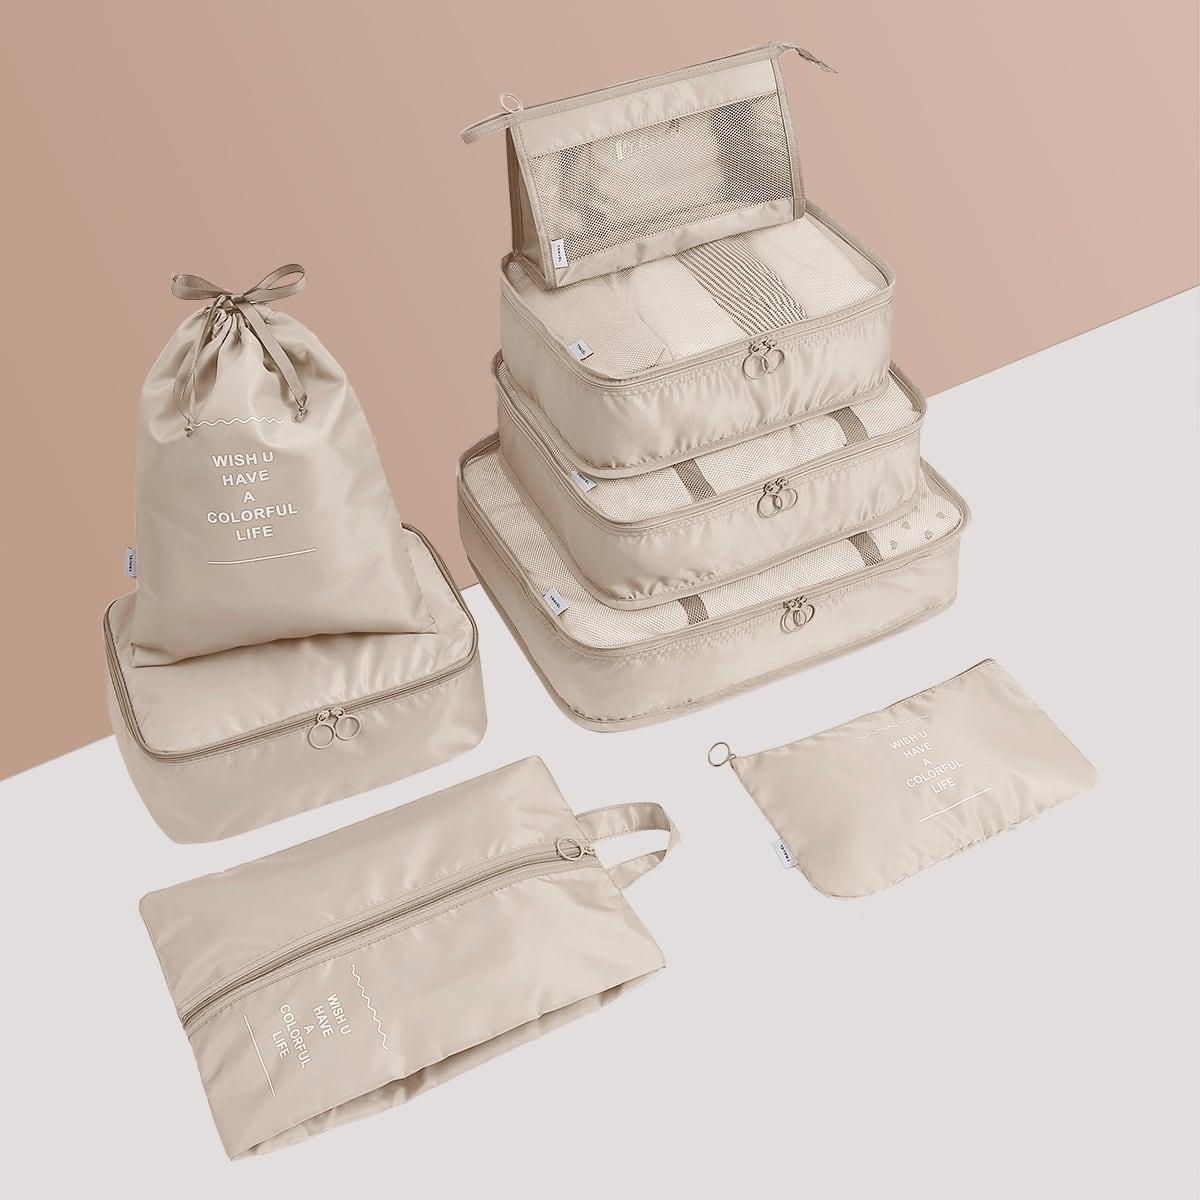 8шт набор дорожных сумок для хранения